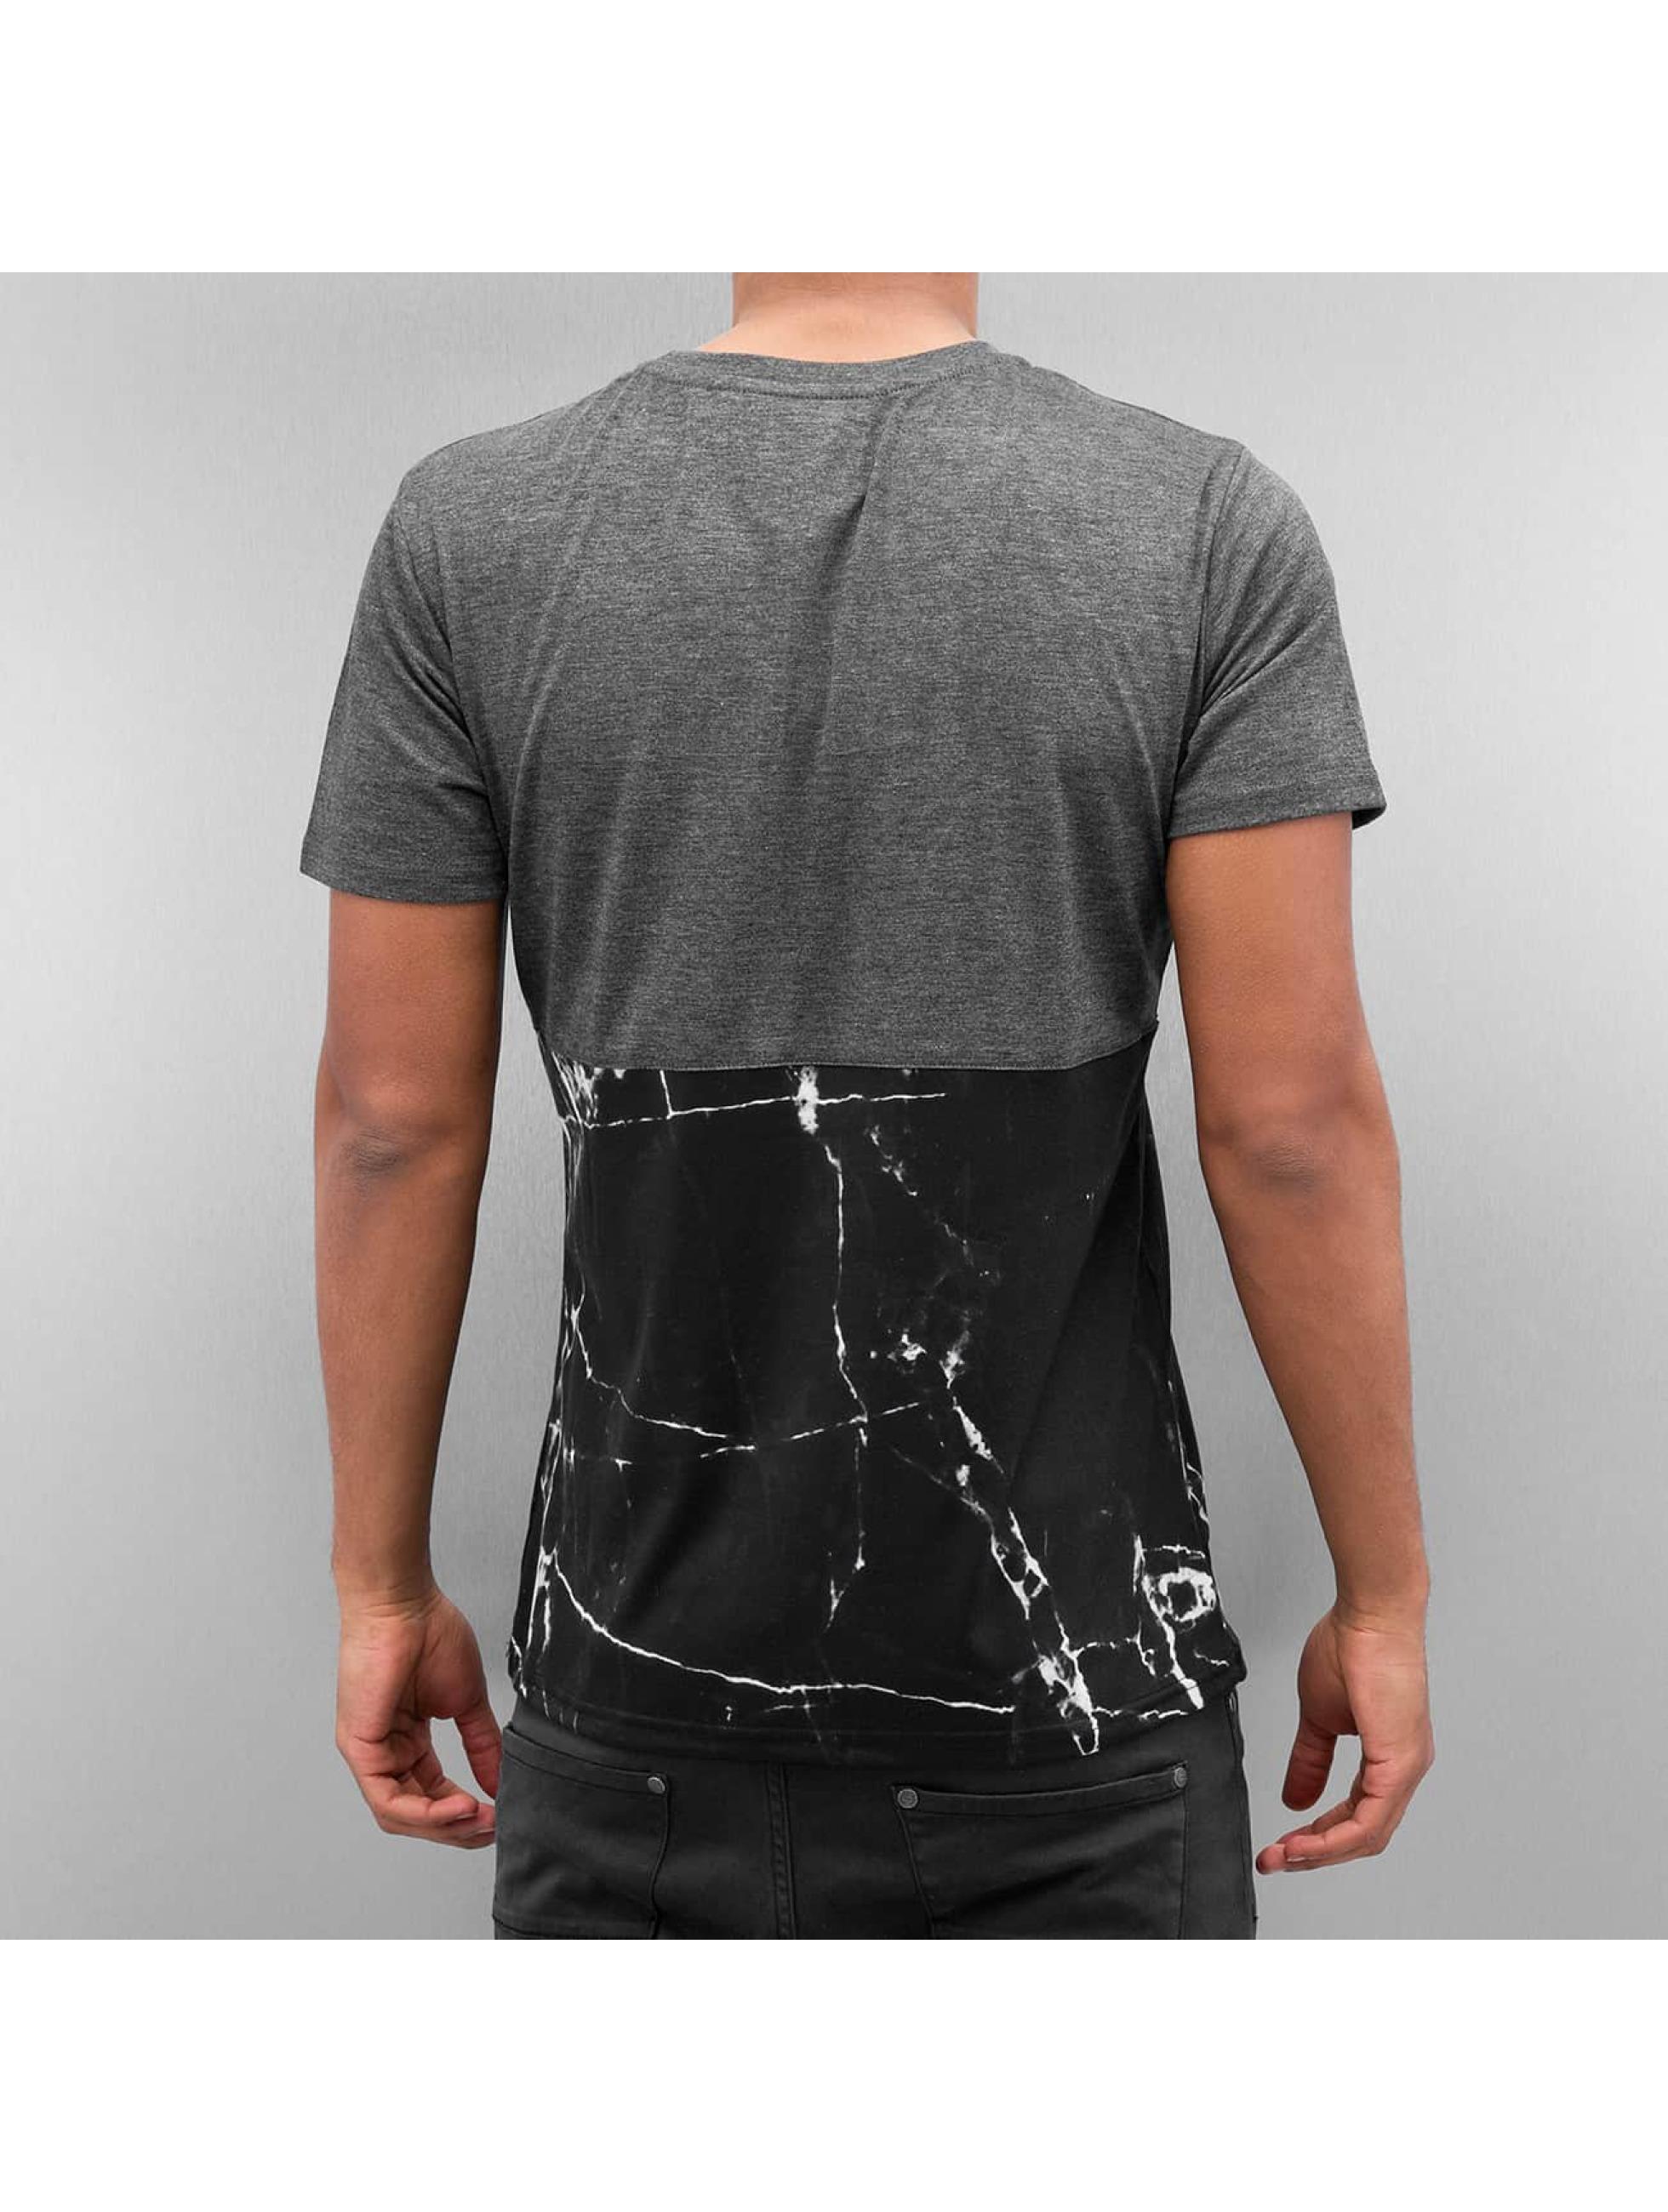 Sixth June t-shirt 00 grijs